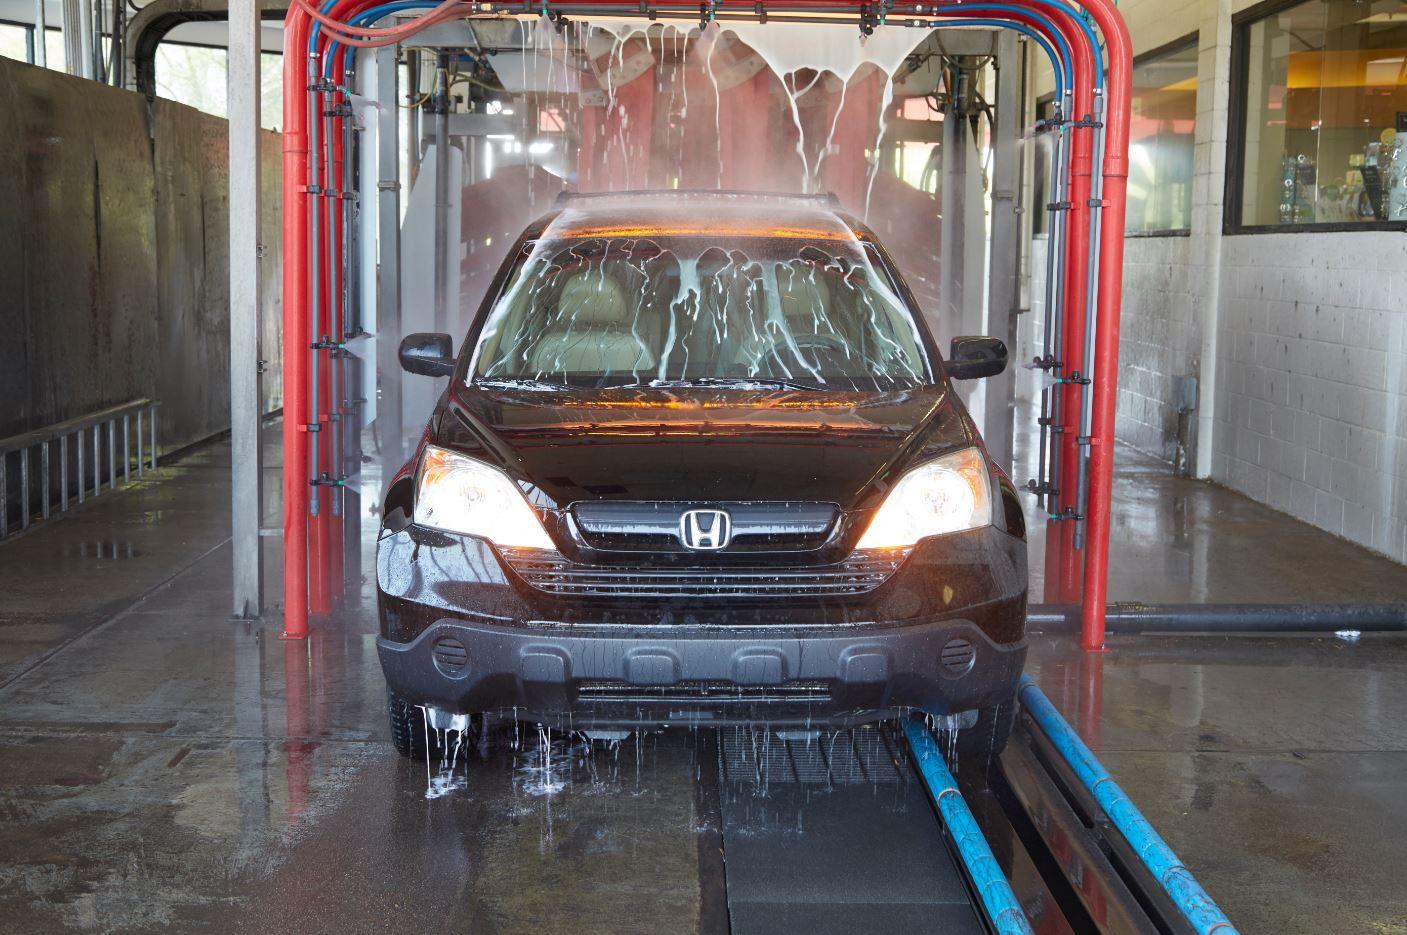 Jacksons Automobile Wash Phoenix Arthur Ross